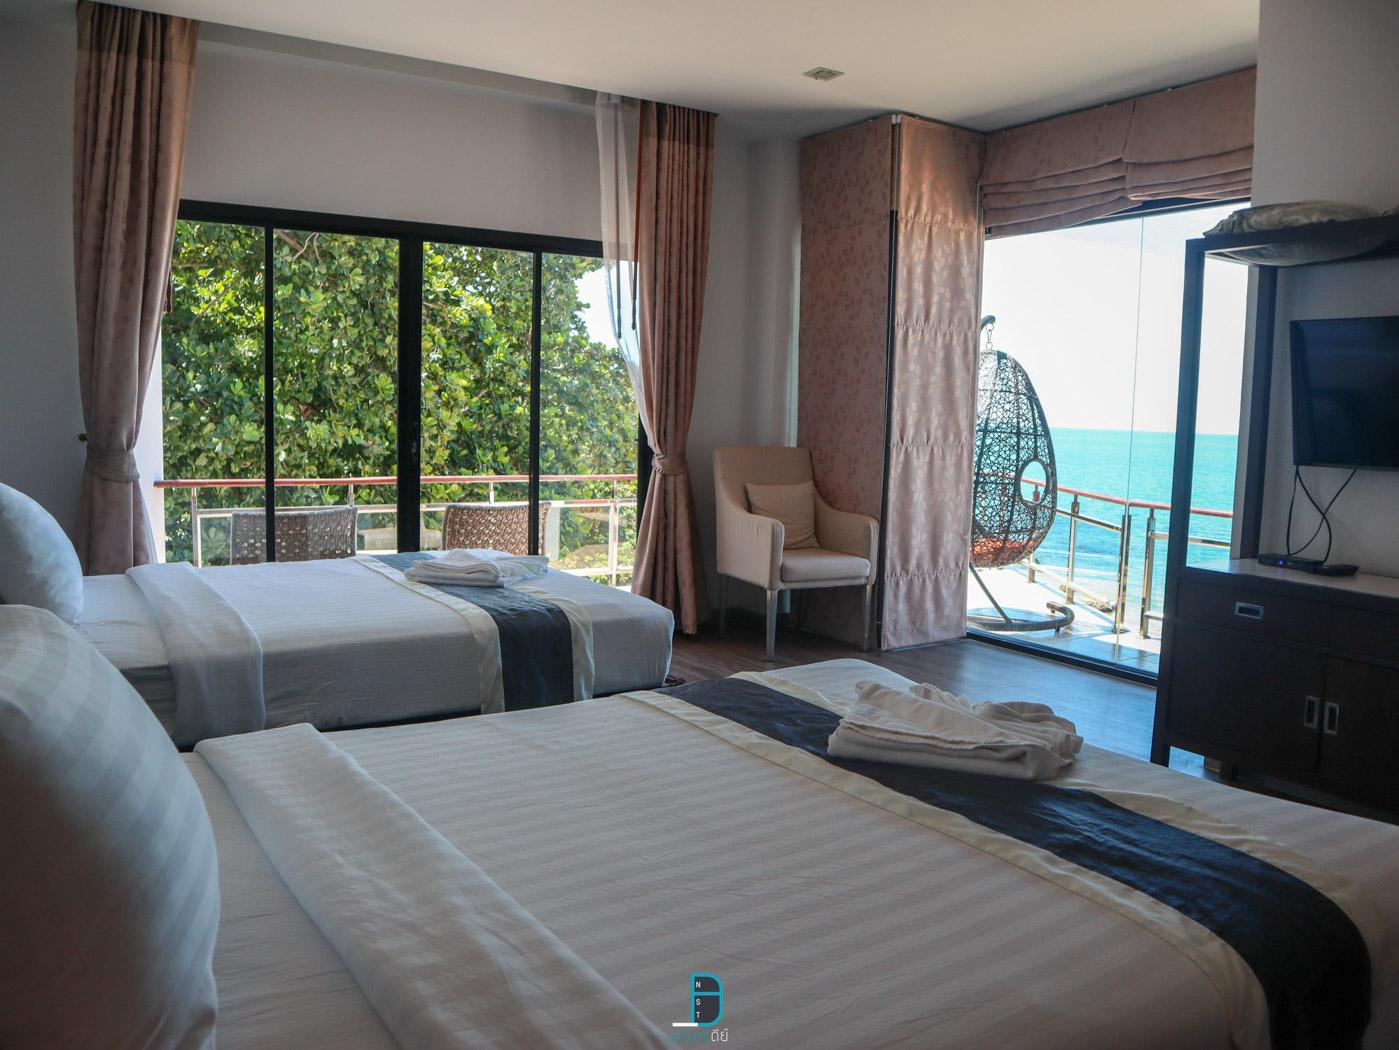 ห้องพัก-ห้อง-Top-ชั้น-3-เตียงใหญ่-2-เตียงวิวทะเล  ประสานสุข,วิลล่า,บีช,รีสอร์ท,นครศรีธรรมราช,ที่พัก,สิชล